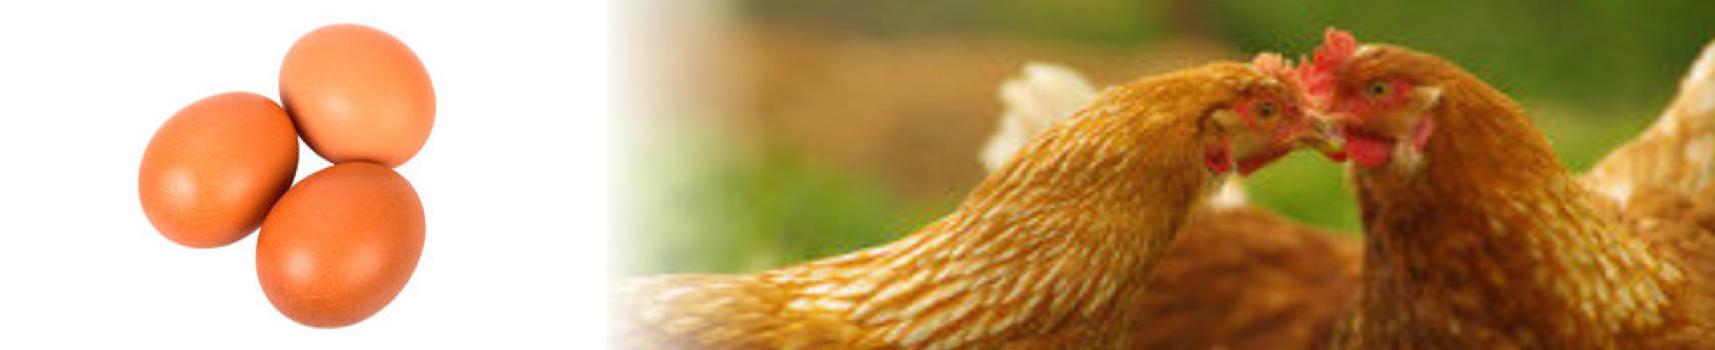 SBA Chickens2